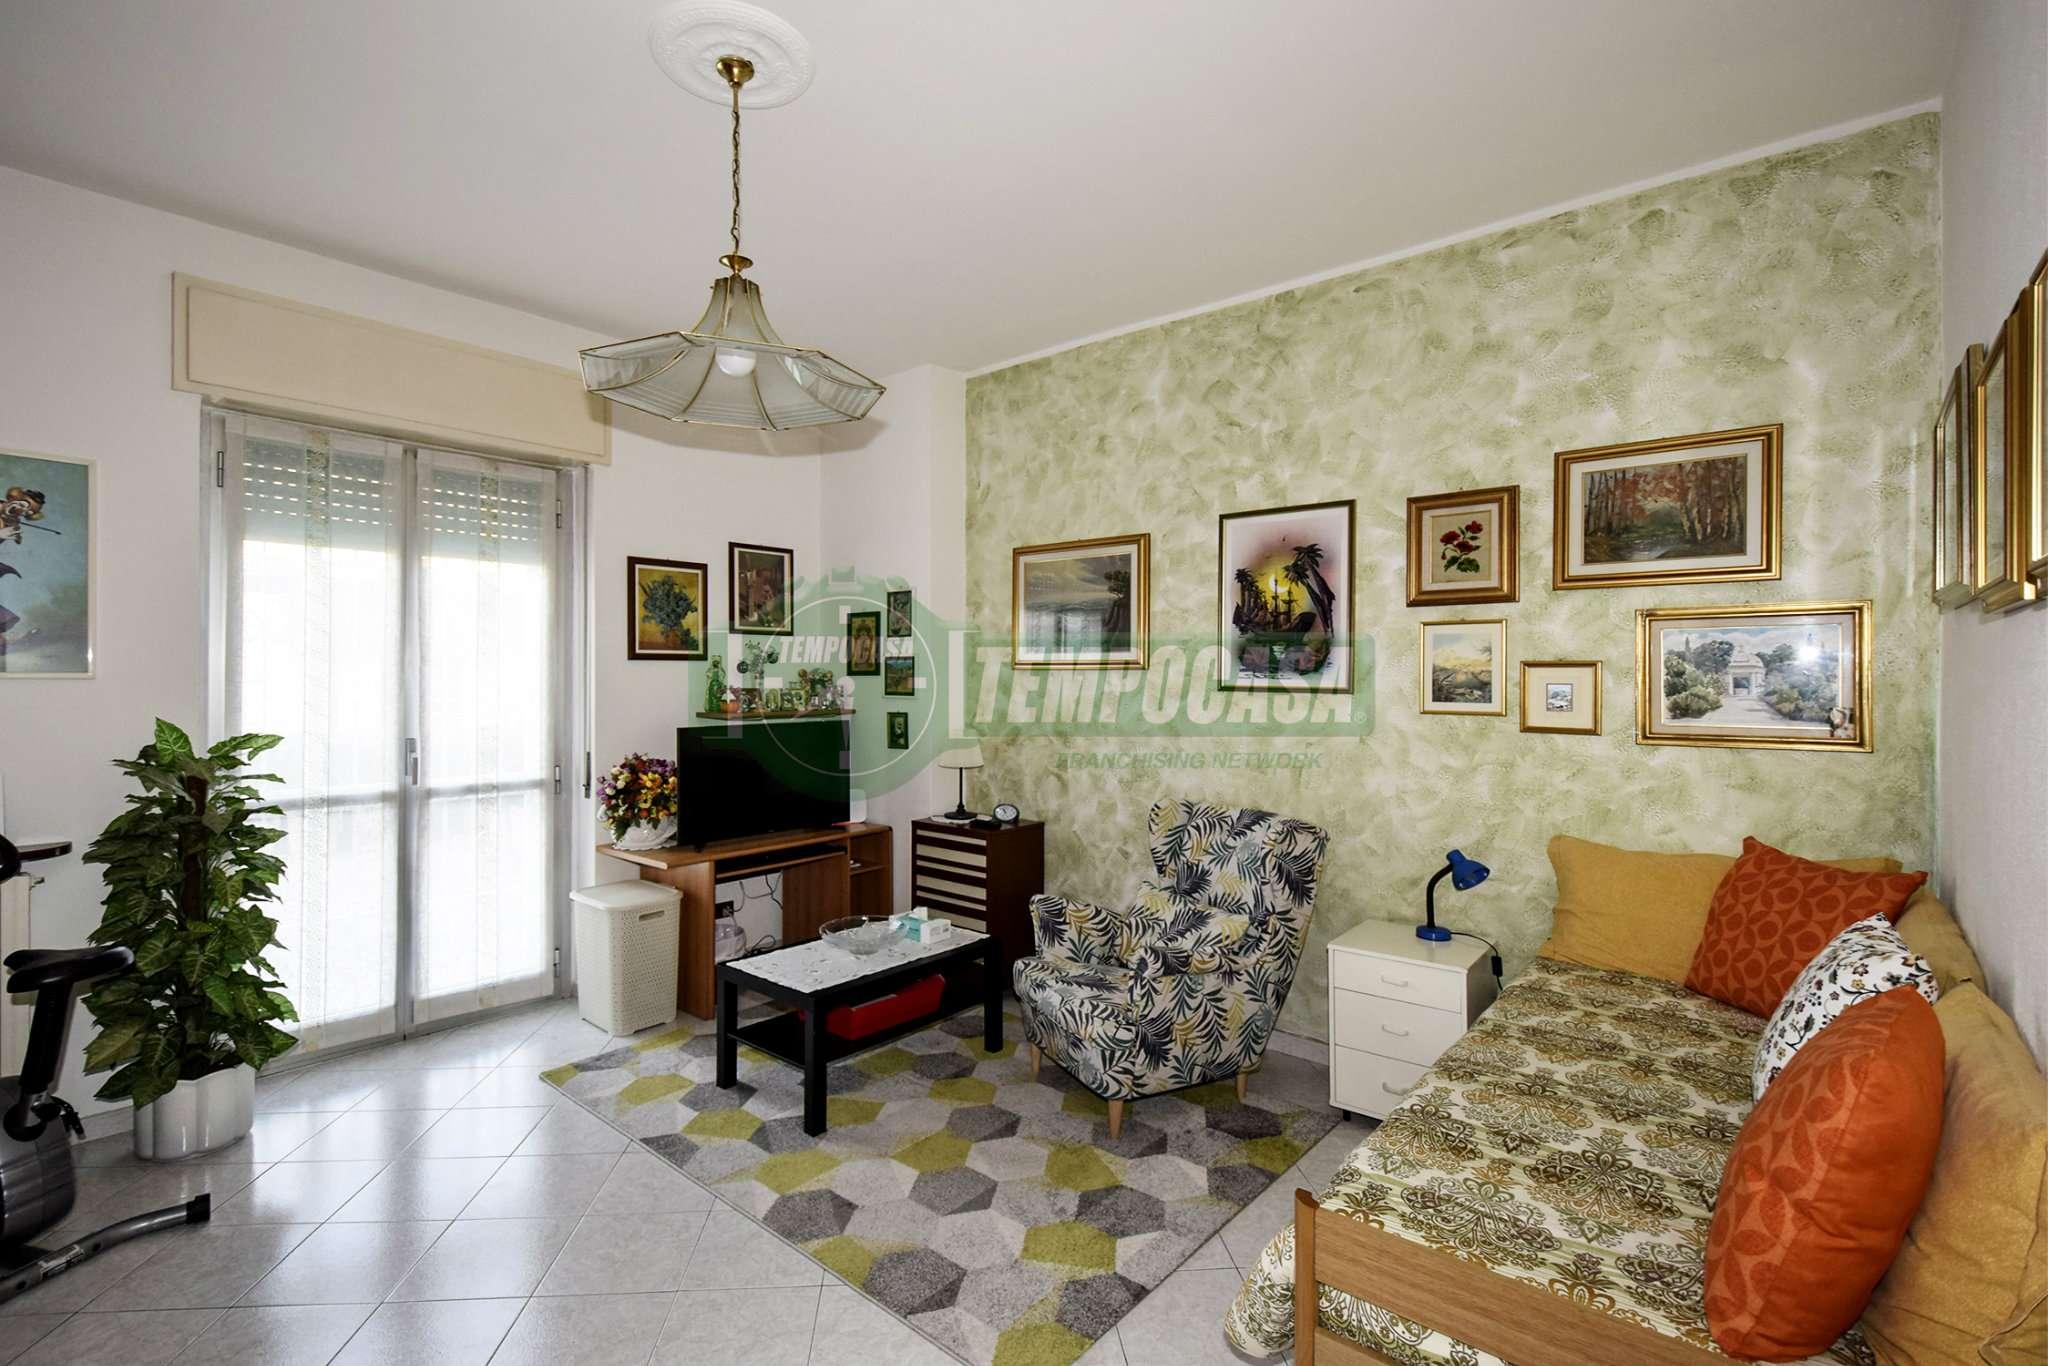 Appartamento in vendita a Settimo Milanese, 3 locali, prezzo € 258.000 | CambioCasa.it